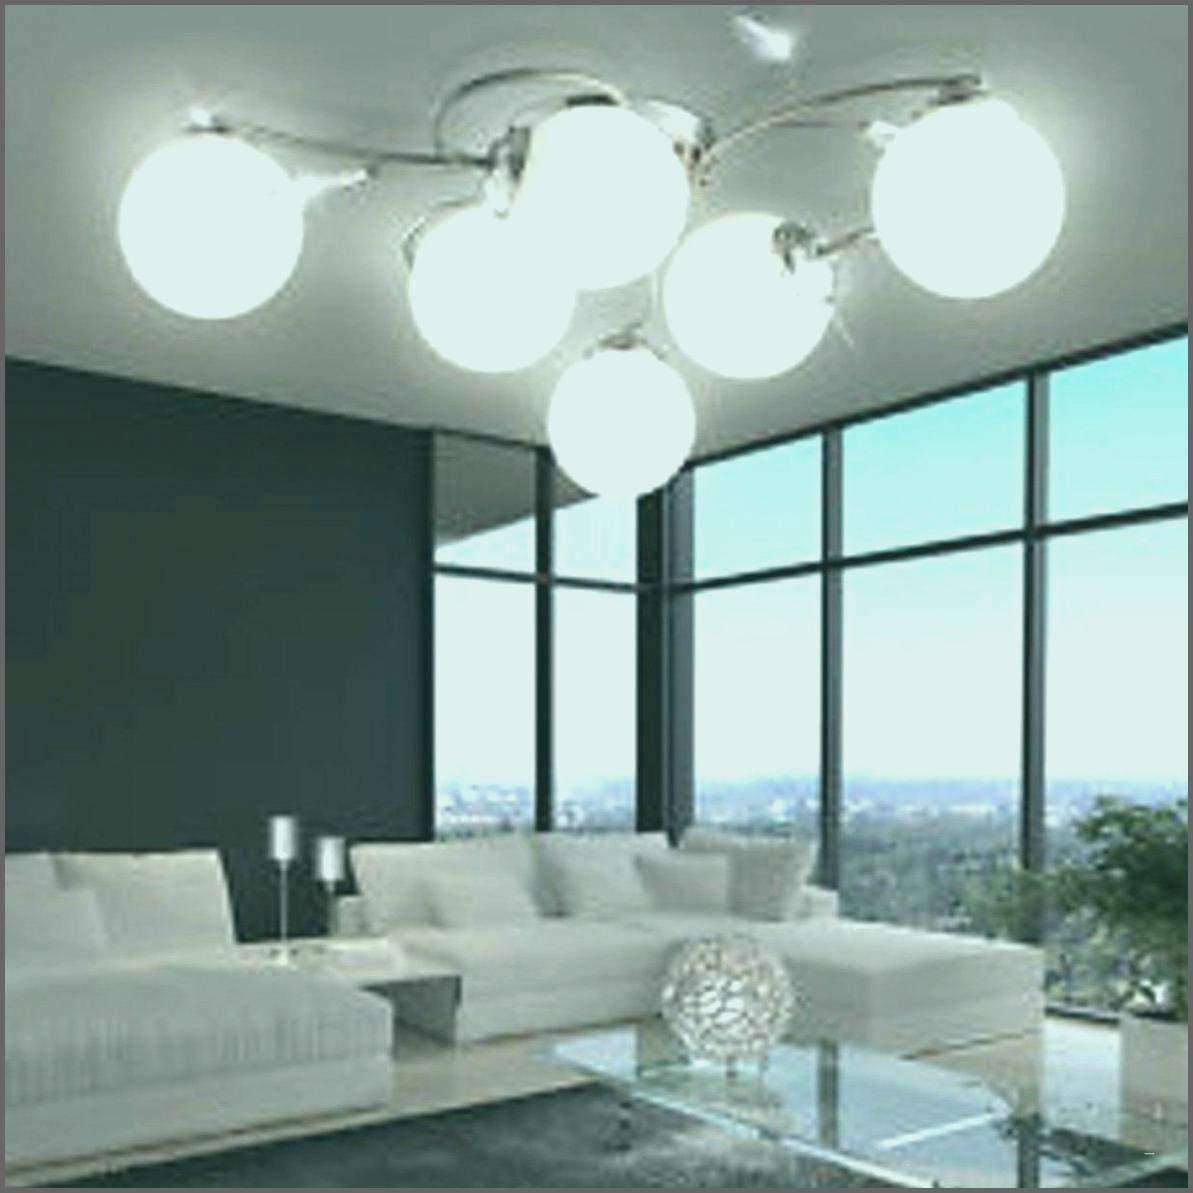 Full Size of Led Wohnzimmerlampe Lampe Dimmbar 3 Stufen Mit Fernbedienung Obi Deckenleuchte Wohnzimmerlampen Modern E27 Verbinden Wohnzimmer Lampen Amazon Wohnzimmer Led Wohnzimmerlampe